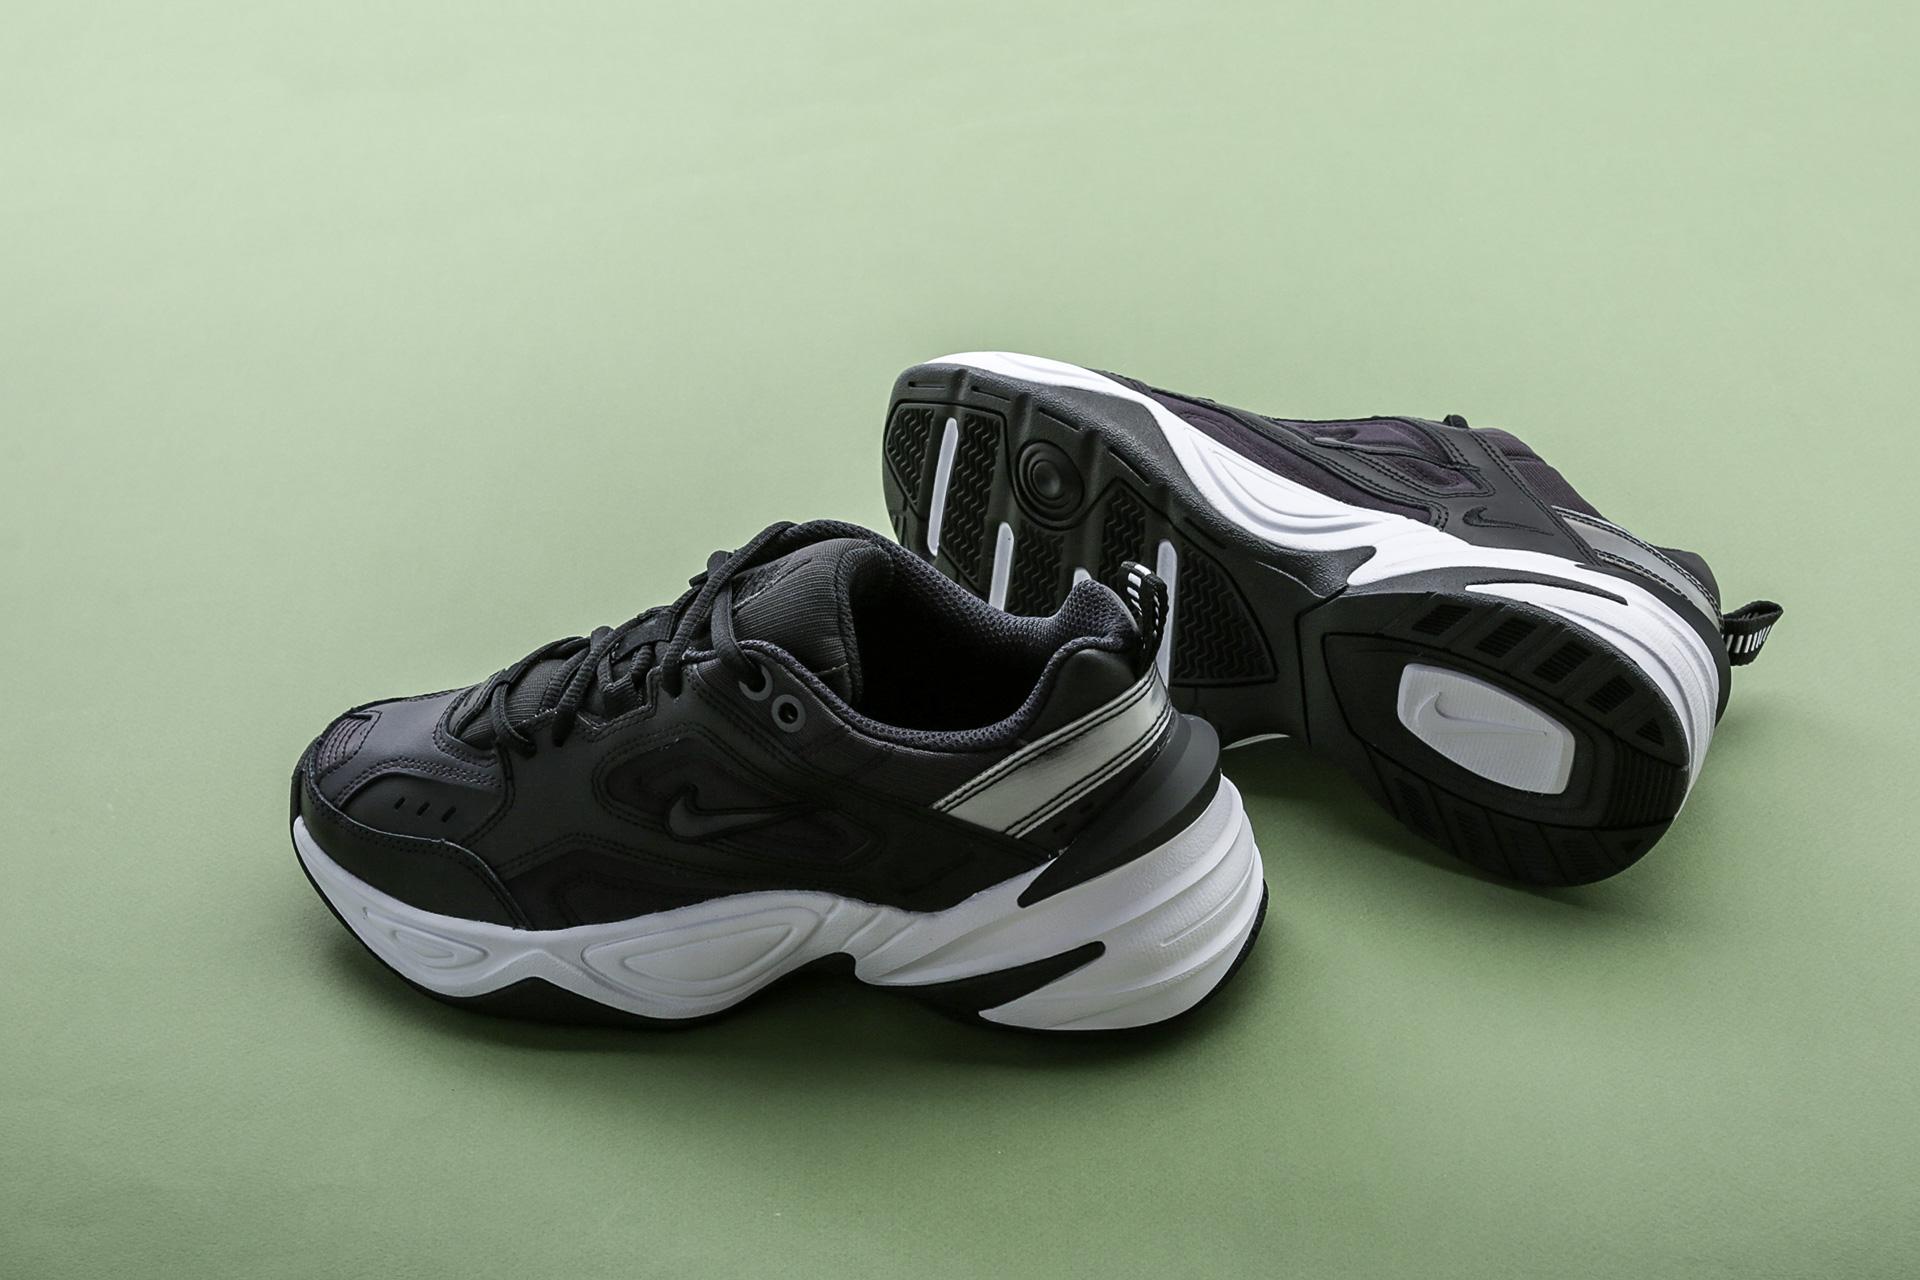 214f2d637ed53 ... Купить женские черные кроссовки Nike WMNS M2K Tekno - фото 3 картинки  ...